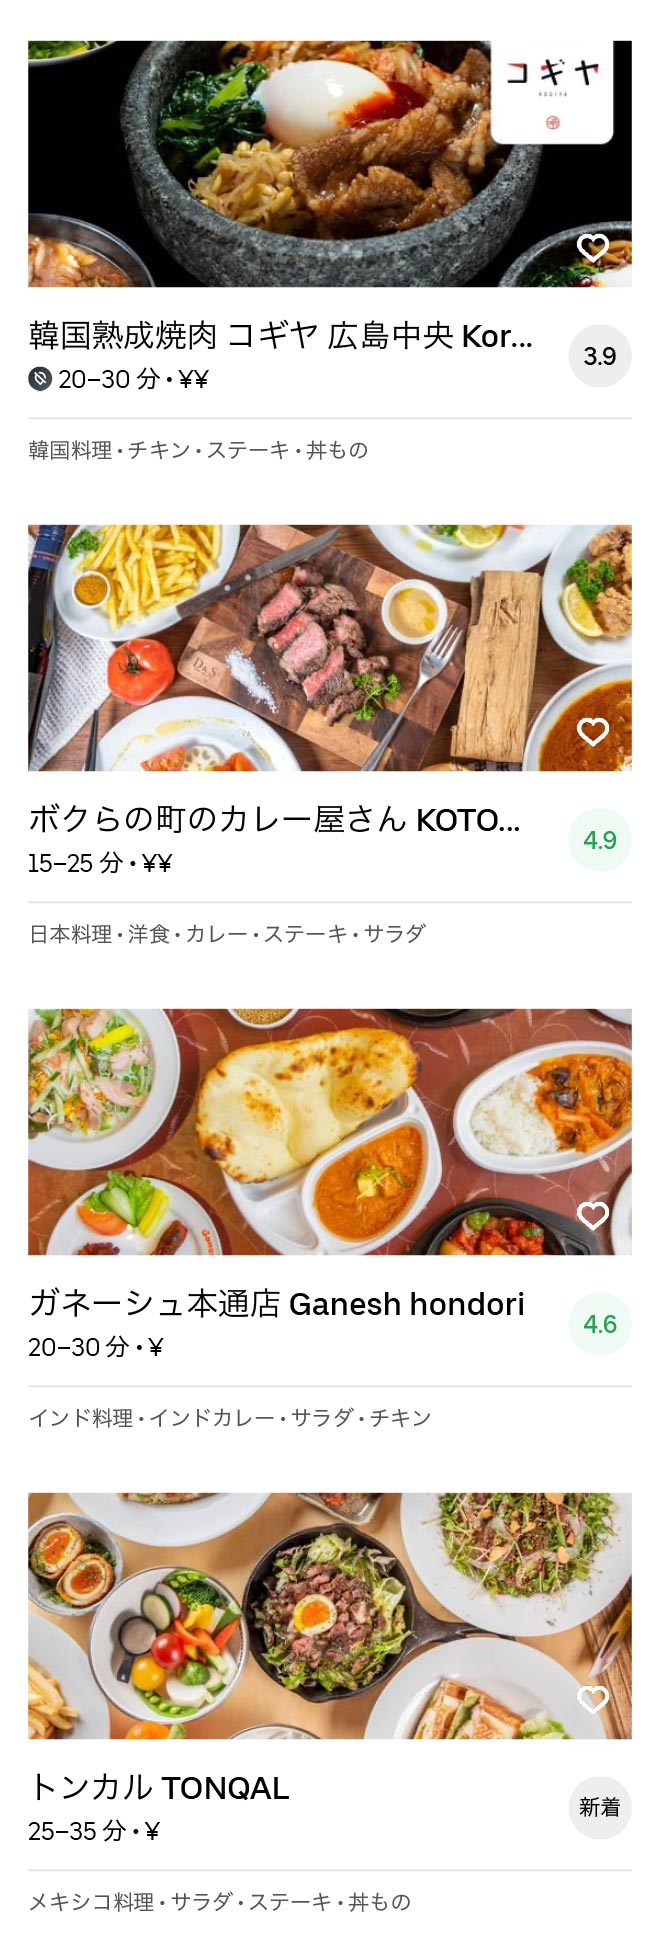 Hiroshima menu 2005 11